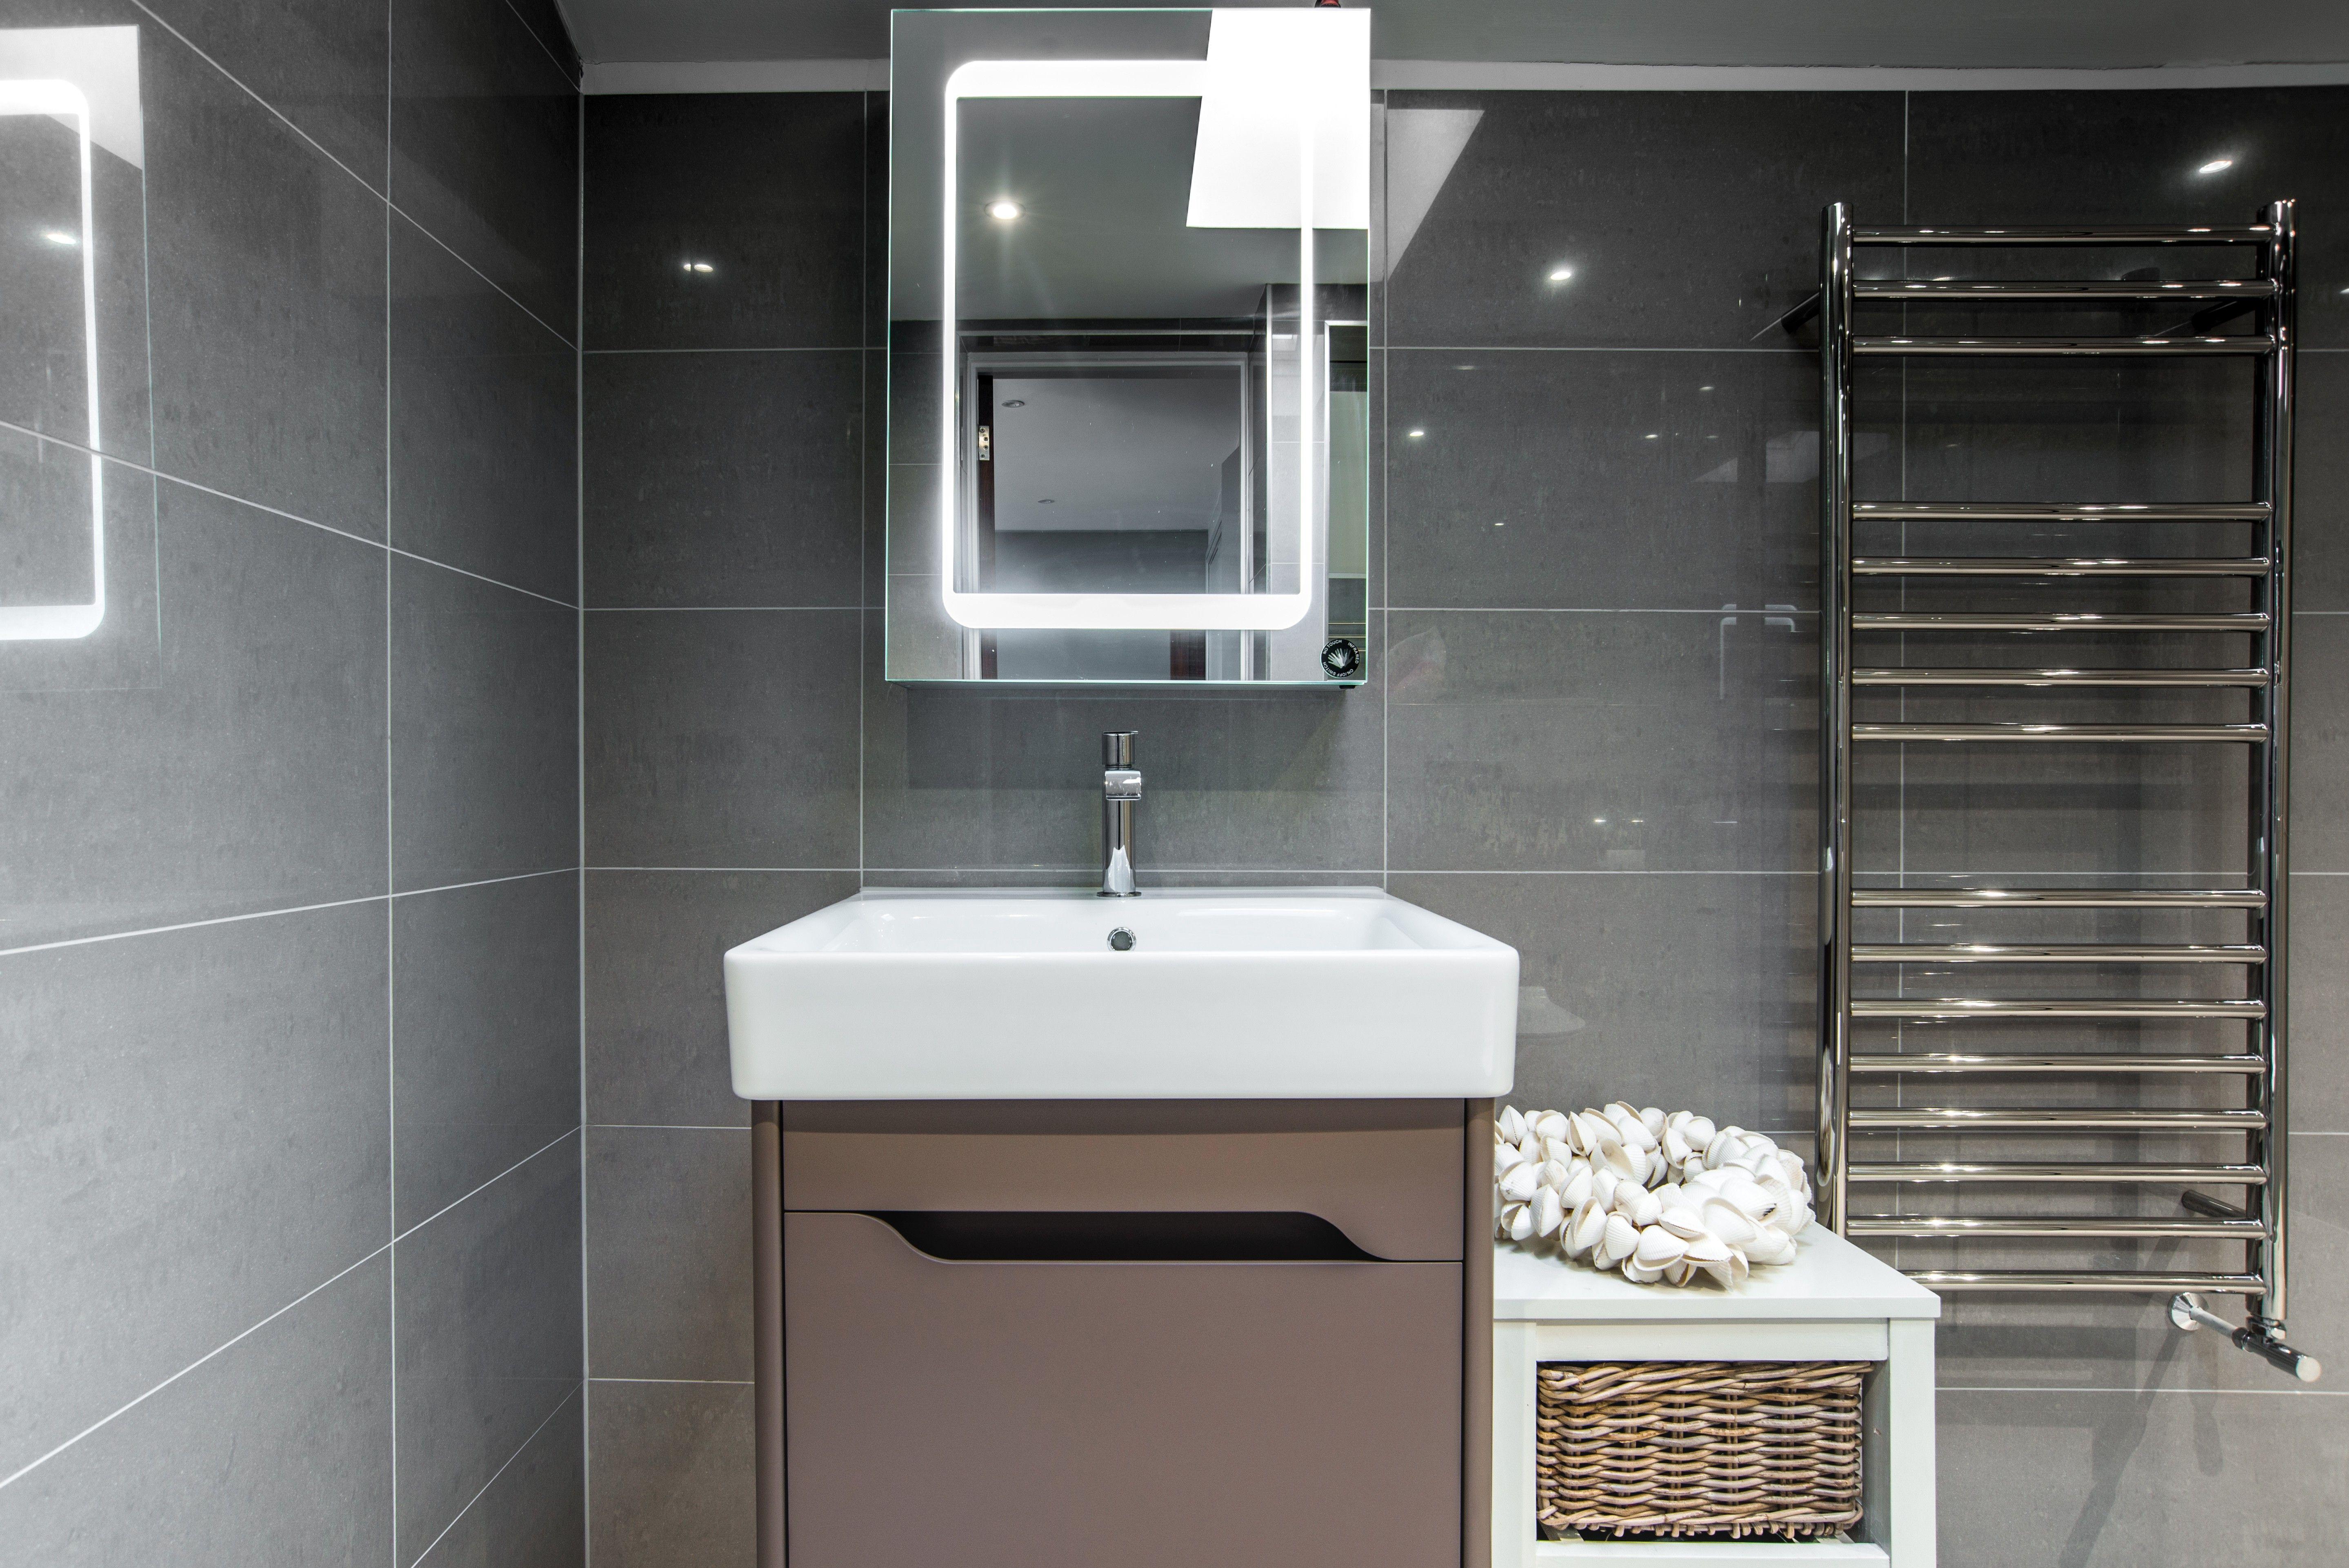 Bathroom Tiles Kent en-suite bathroom refurb in goudhurst, kent featuring gsi vanity